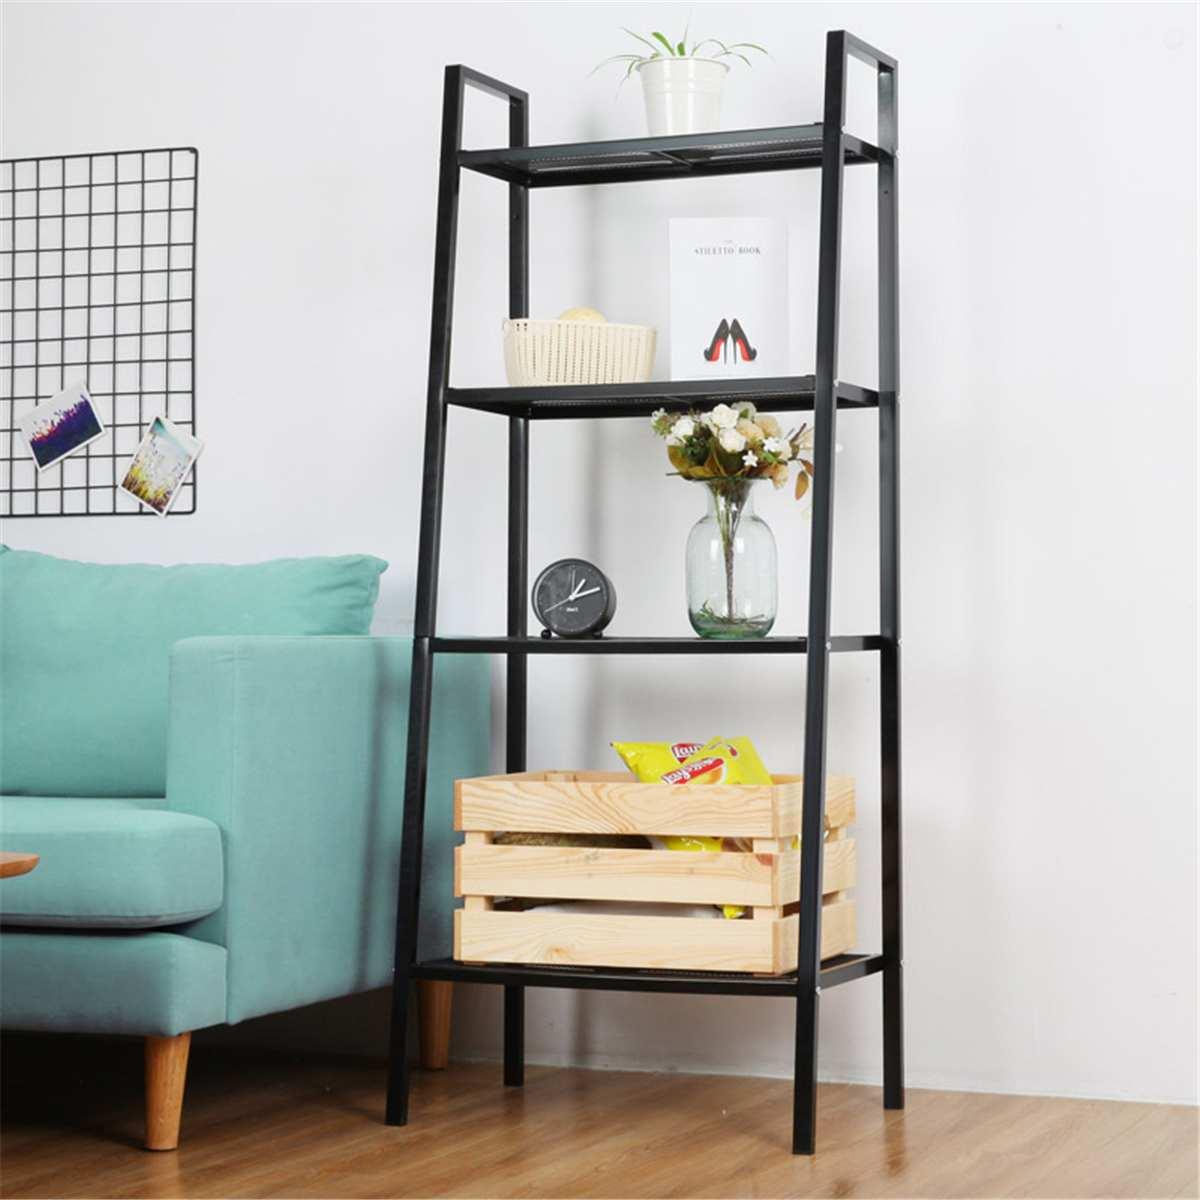 Estantería de almacenamiento de alambre de 4 niveles, estantería de artículos variados para sala de estar, estante de decoración ajustable para el hogar, estante de pie Nórdico Estante de baño Sokoltec hw47885wh